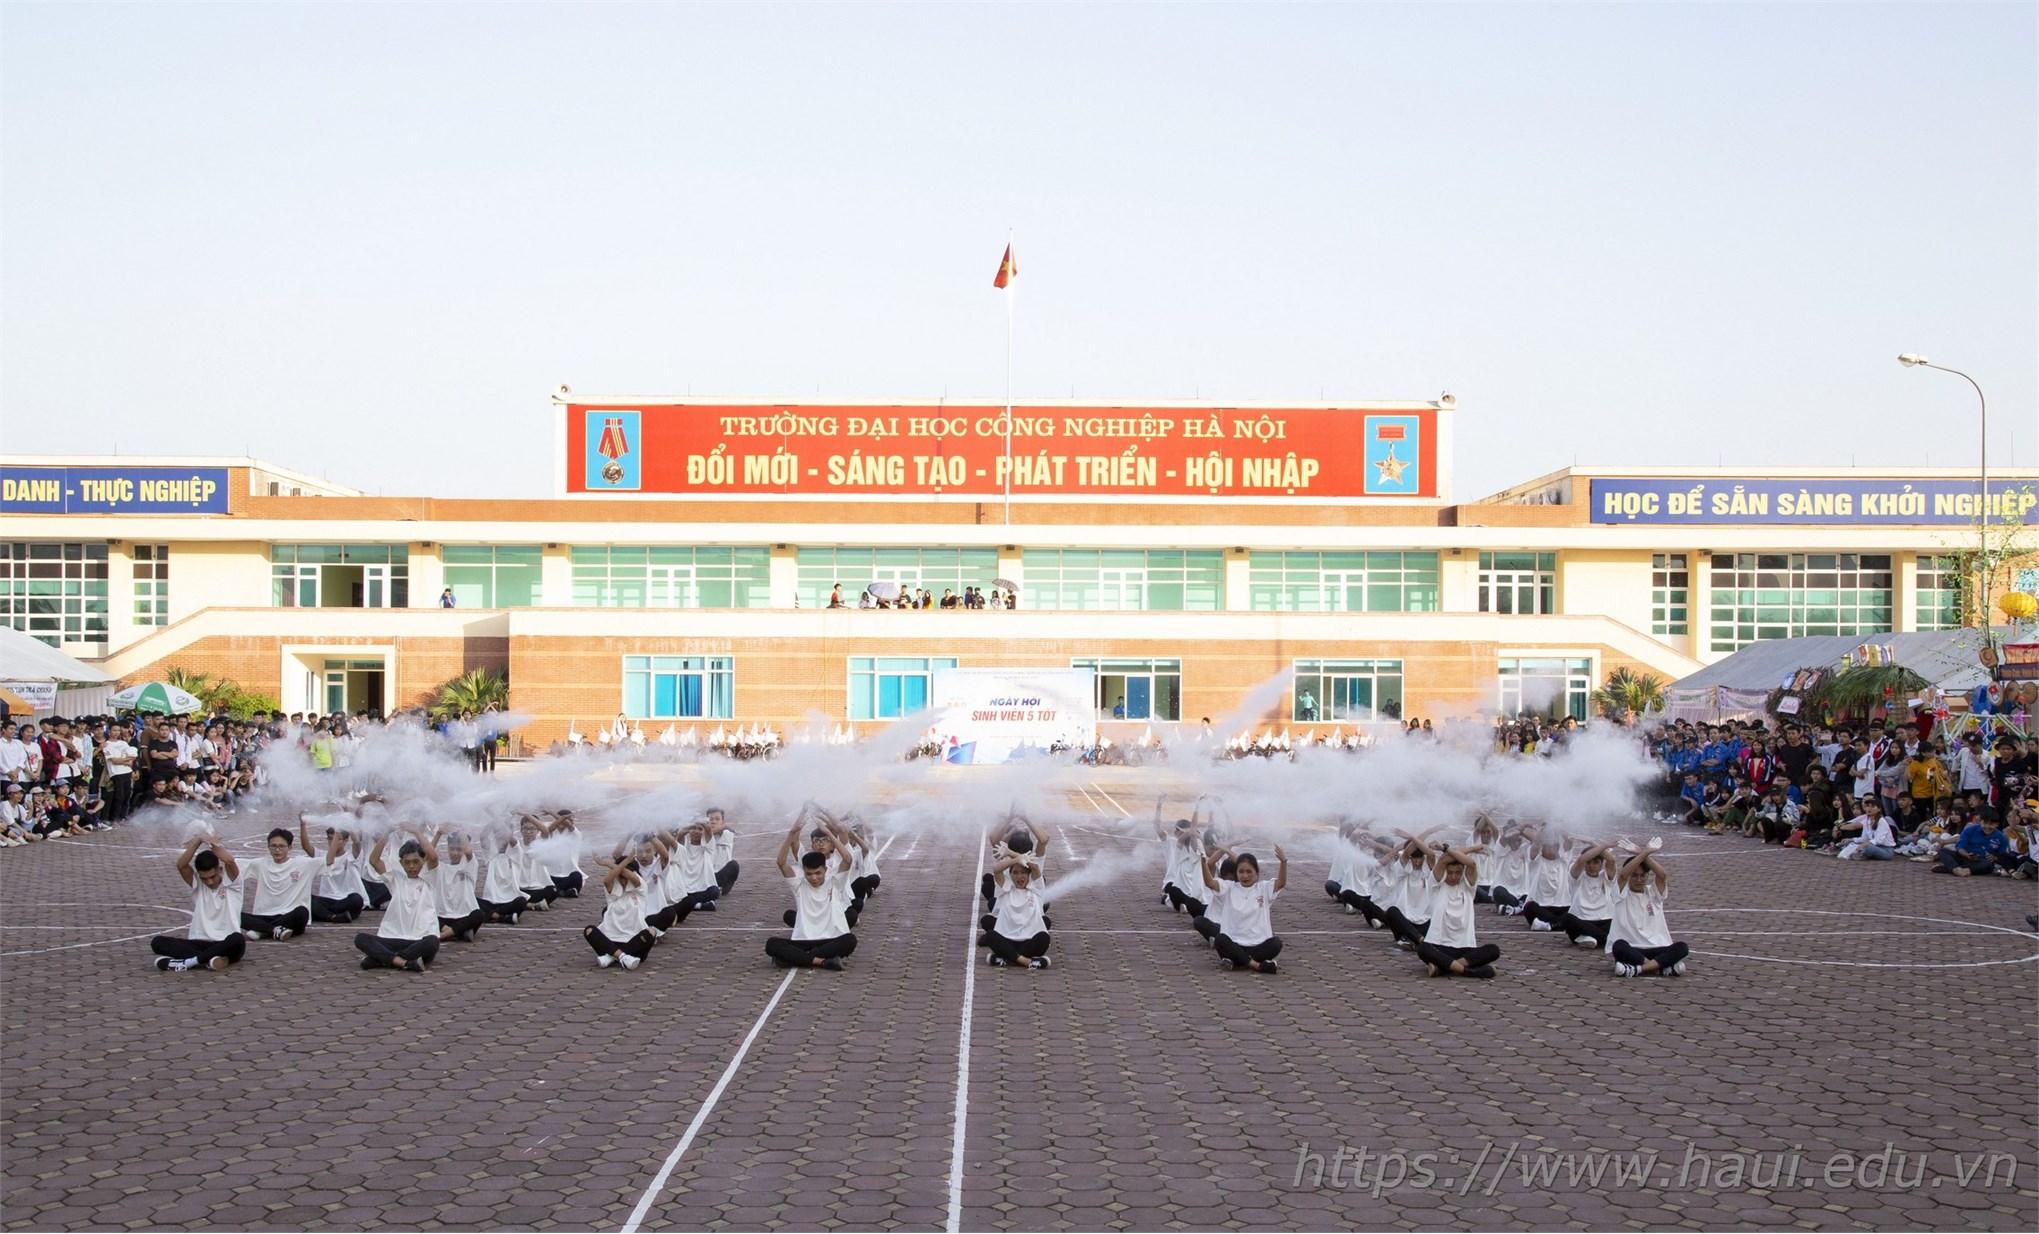 Sôi nổi chuỗi hoạt động chào mừng Đại hội đại biểu Đoàn TNCS Hồ Chí Minh trường Đại học Công nghiệp Hà Nội lần thứ IX